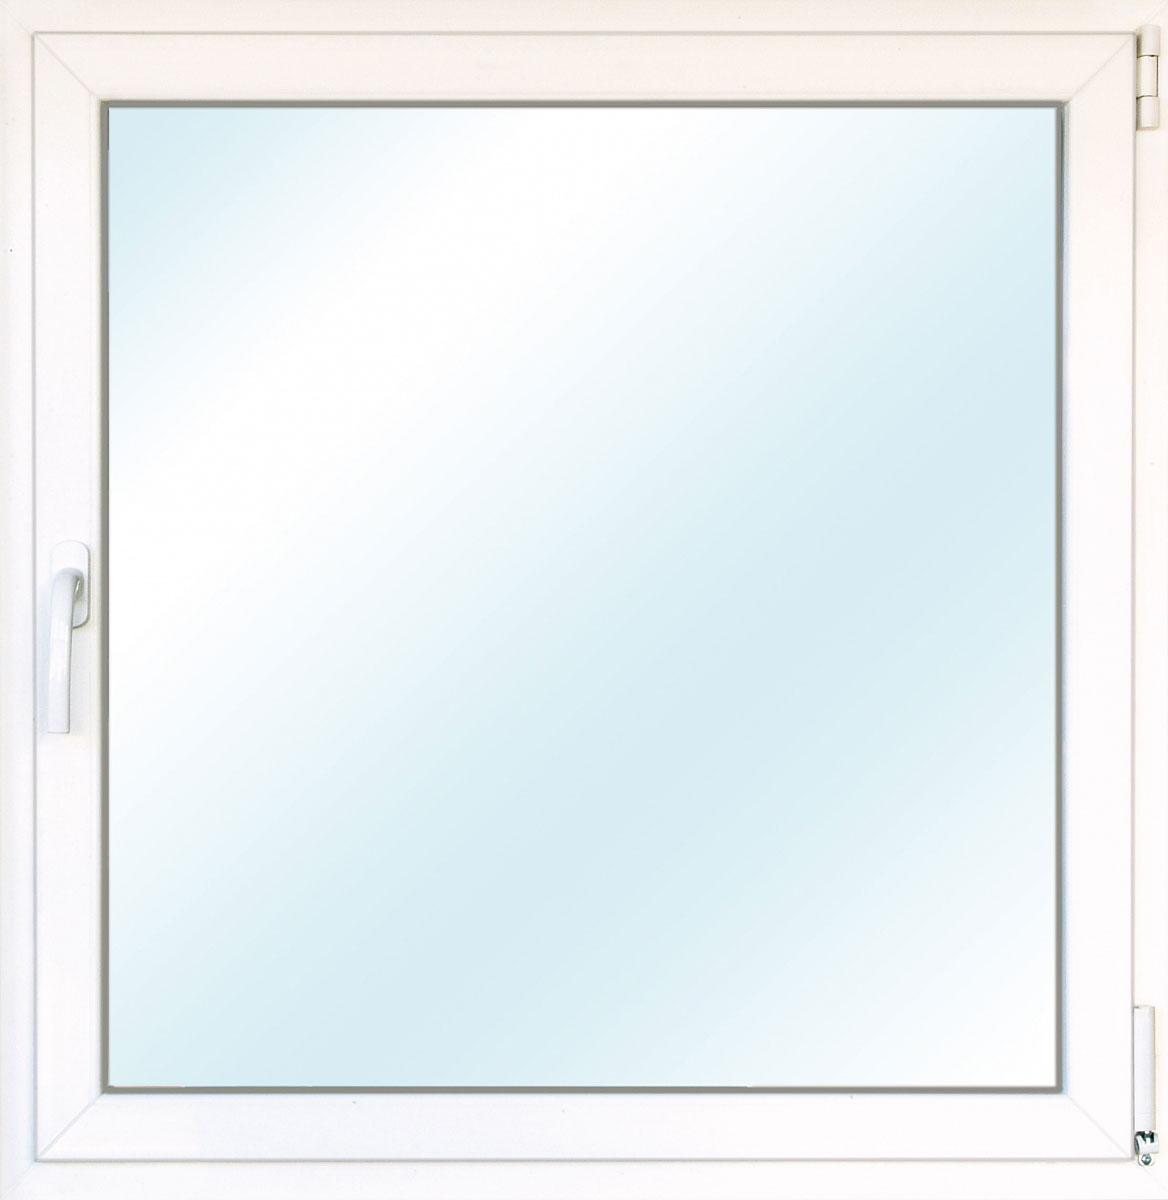 Fenster PVC 70/3 weiß/weiß Anschlag rechts 100x100 cm